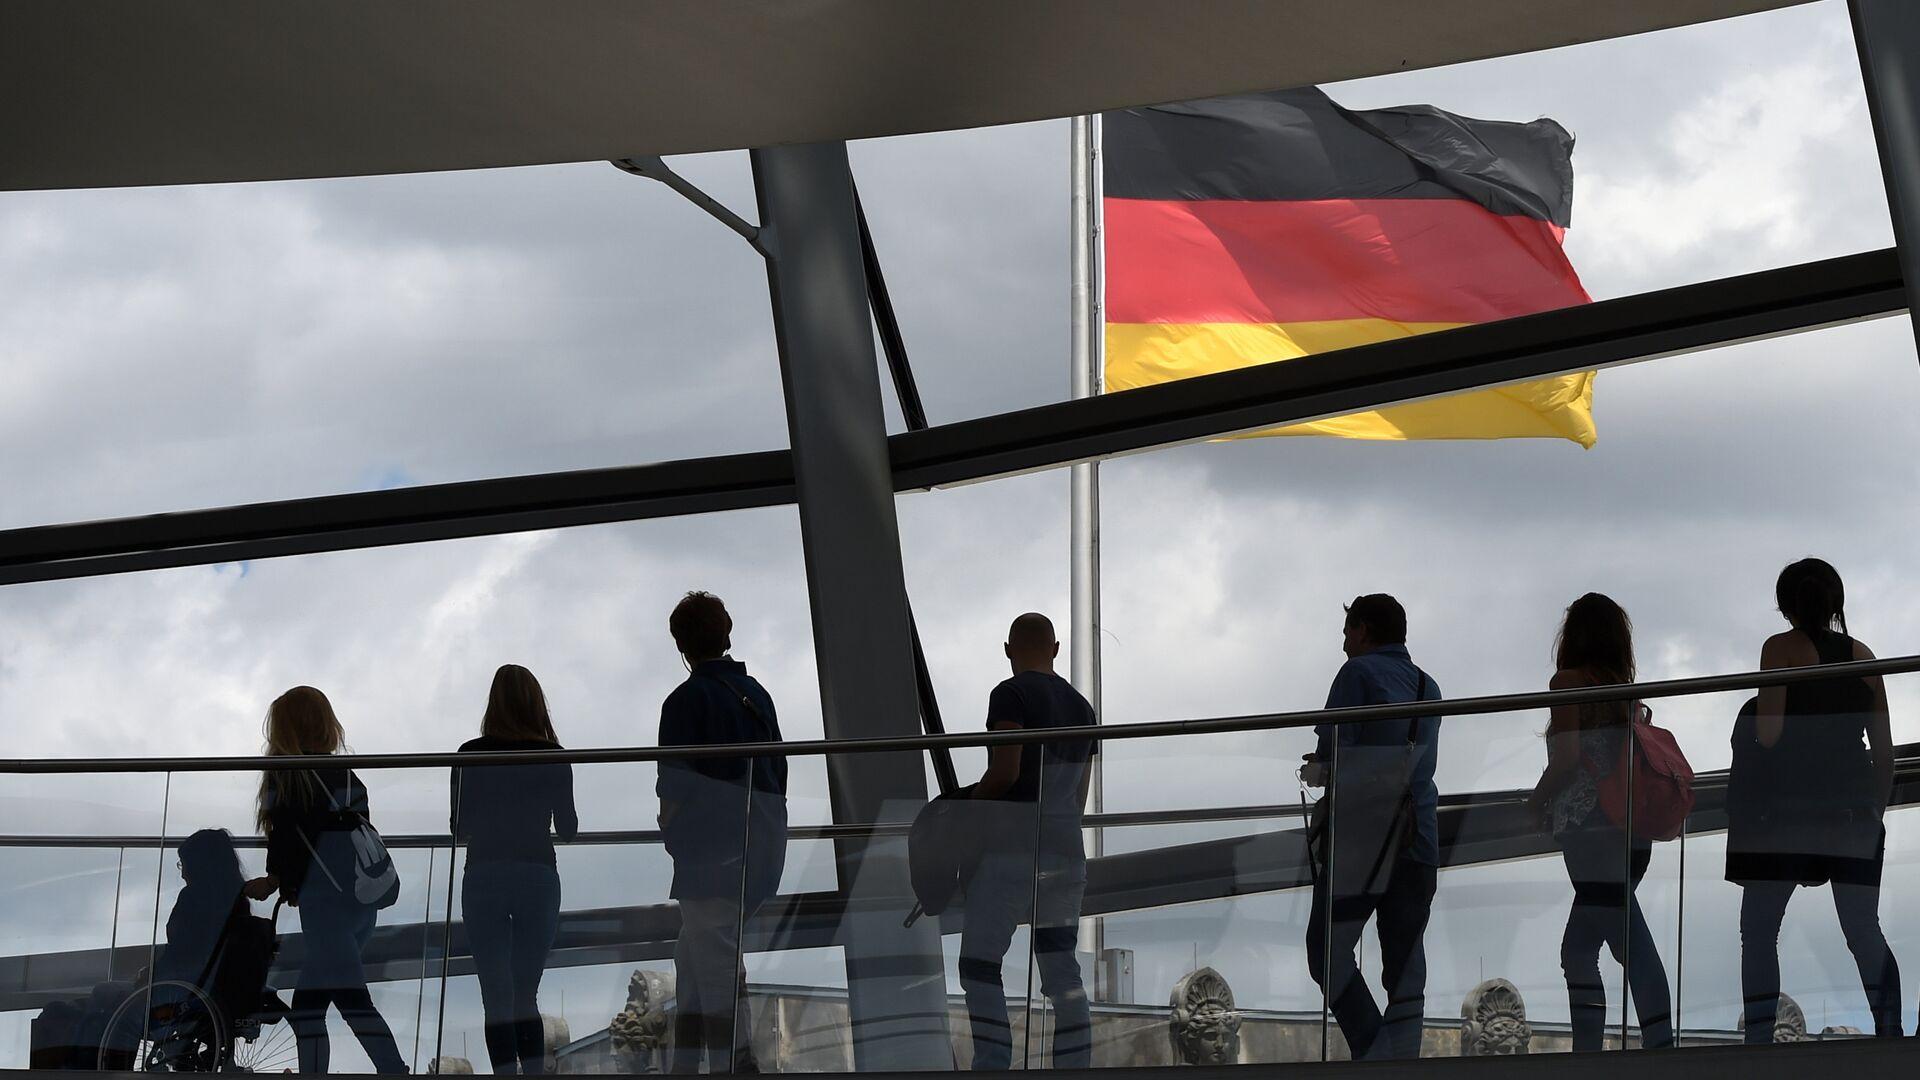 Посетители в здании рейхстага в Берлине, Германия - РИА Новости, 1920, 06.05.2021